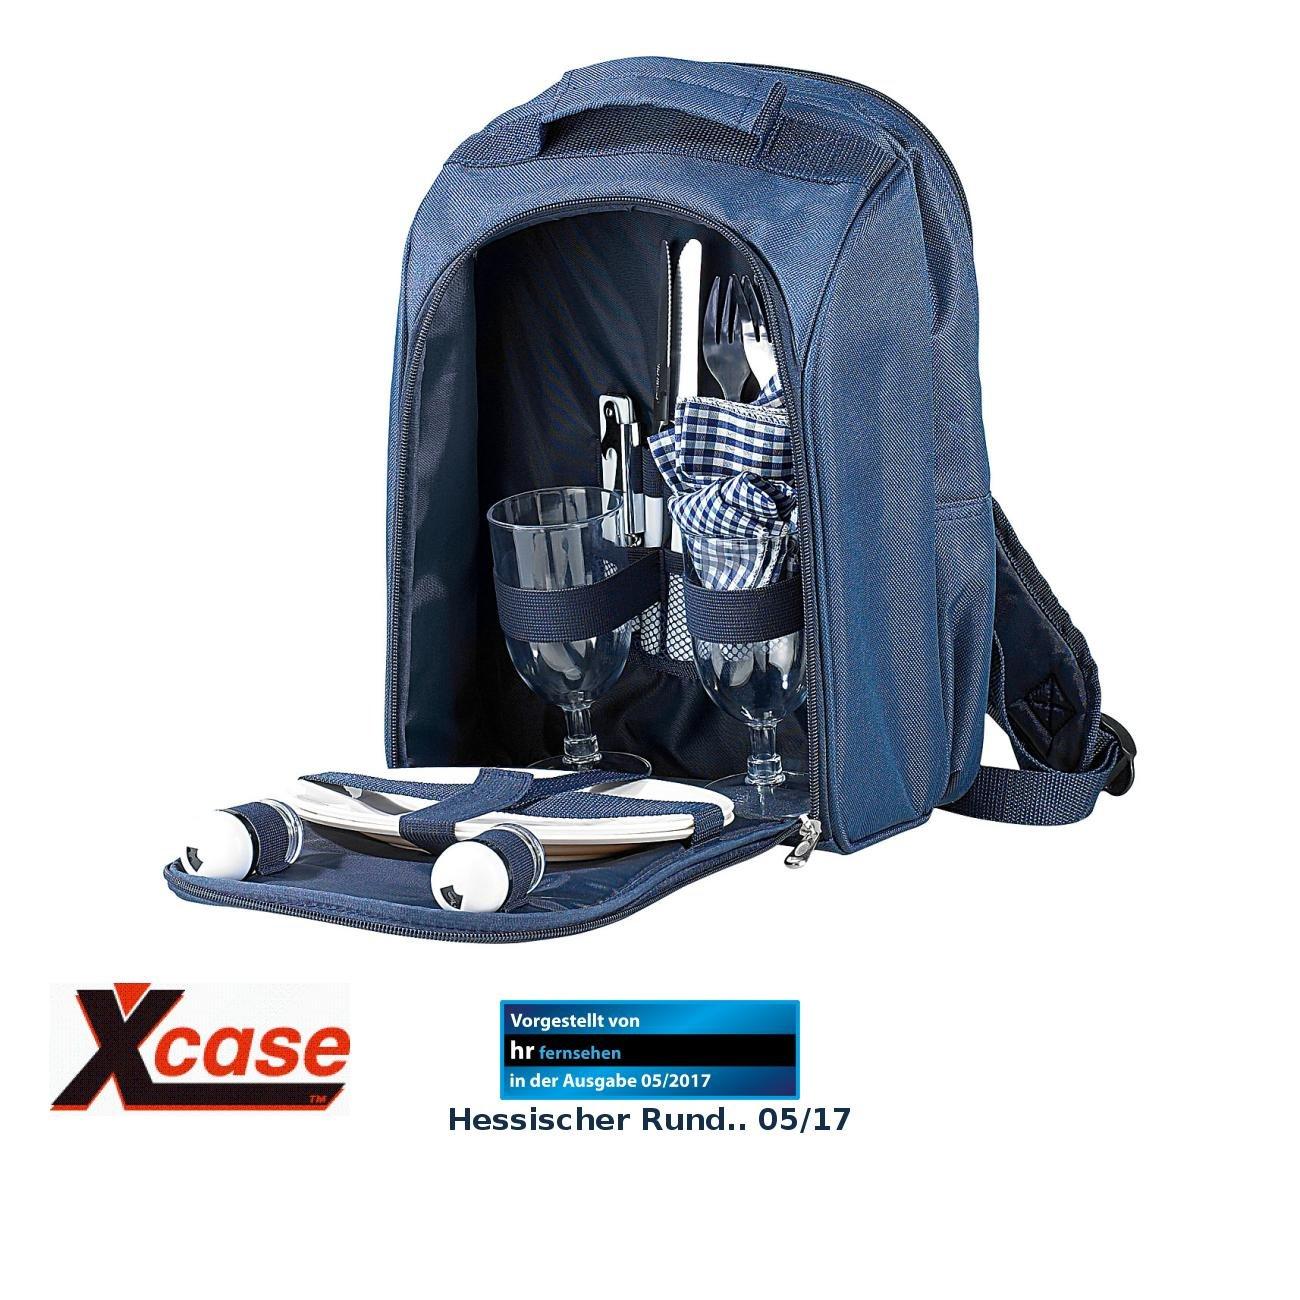 *Xcase Thermo-Picknickrucksack mit Kühlfach, bestückt für 2 Personen*